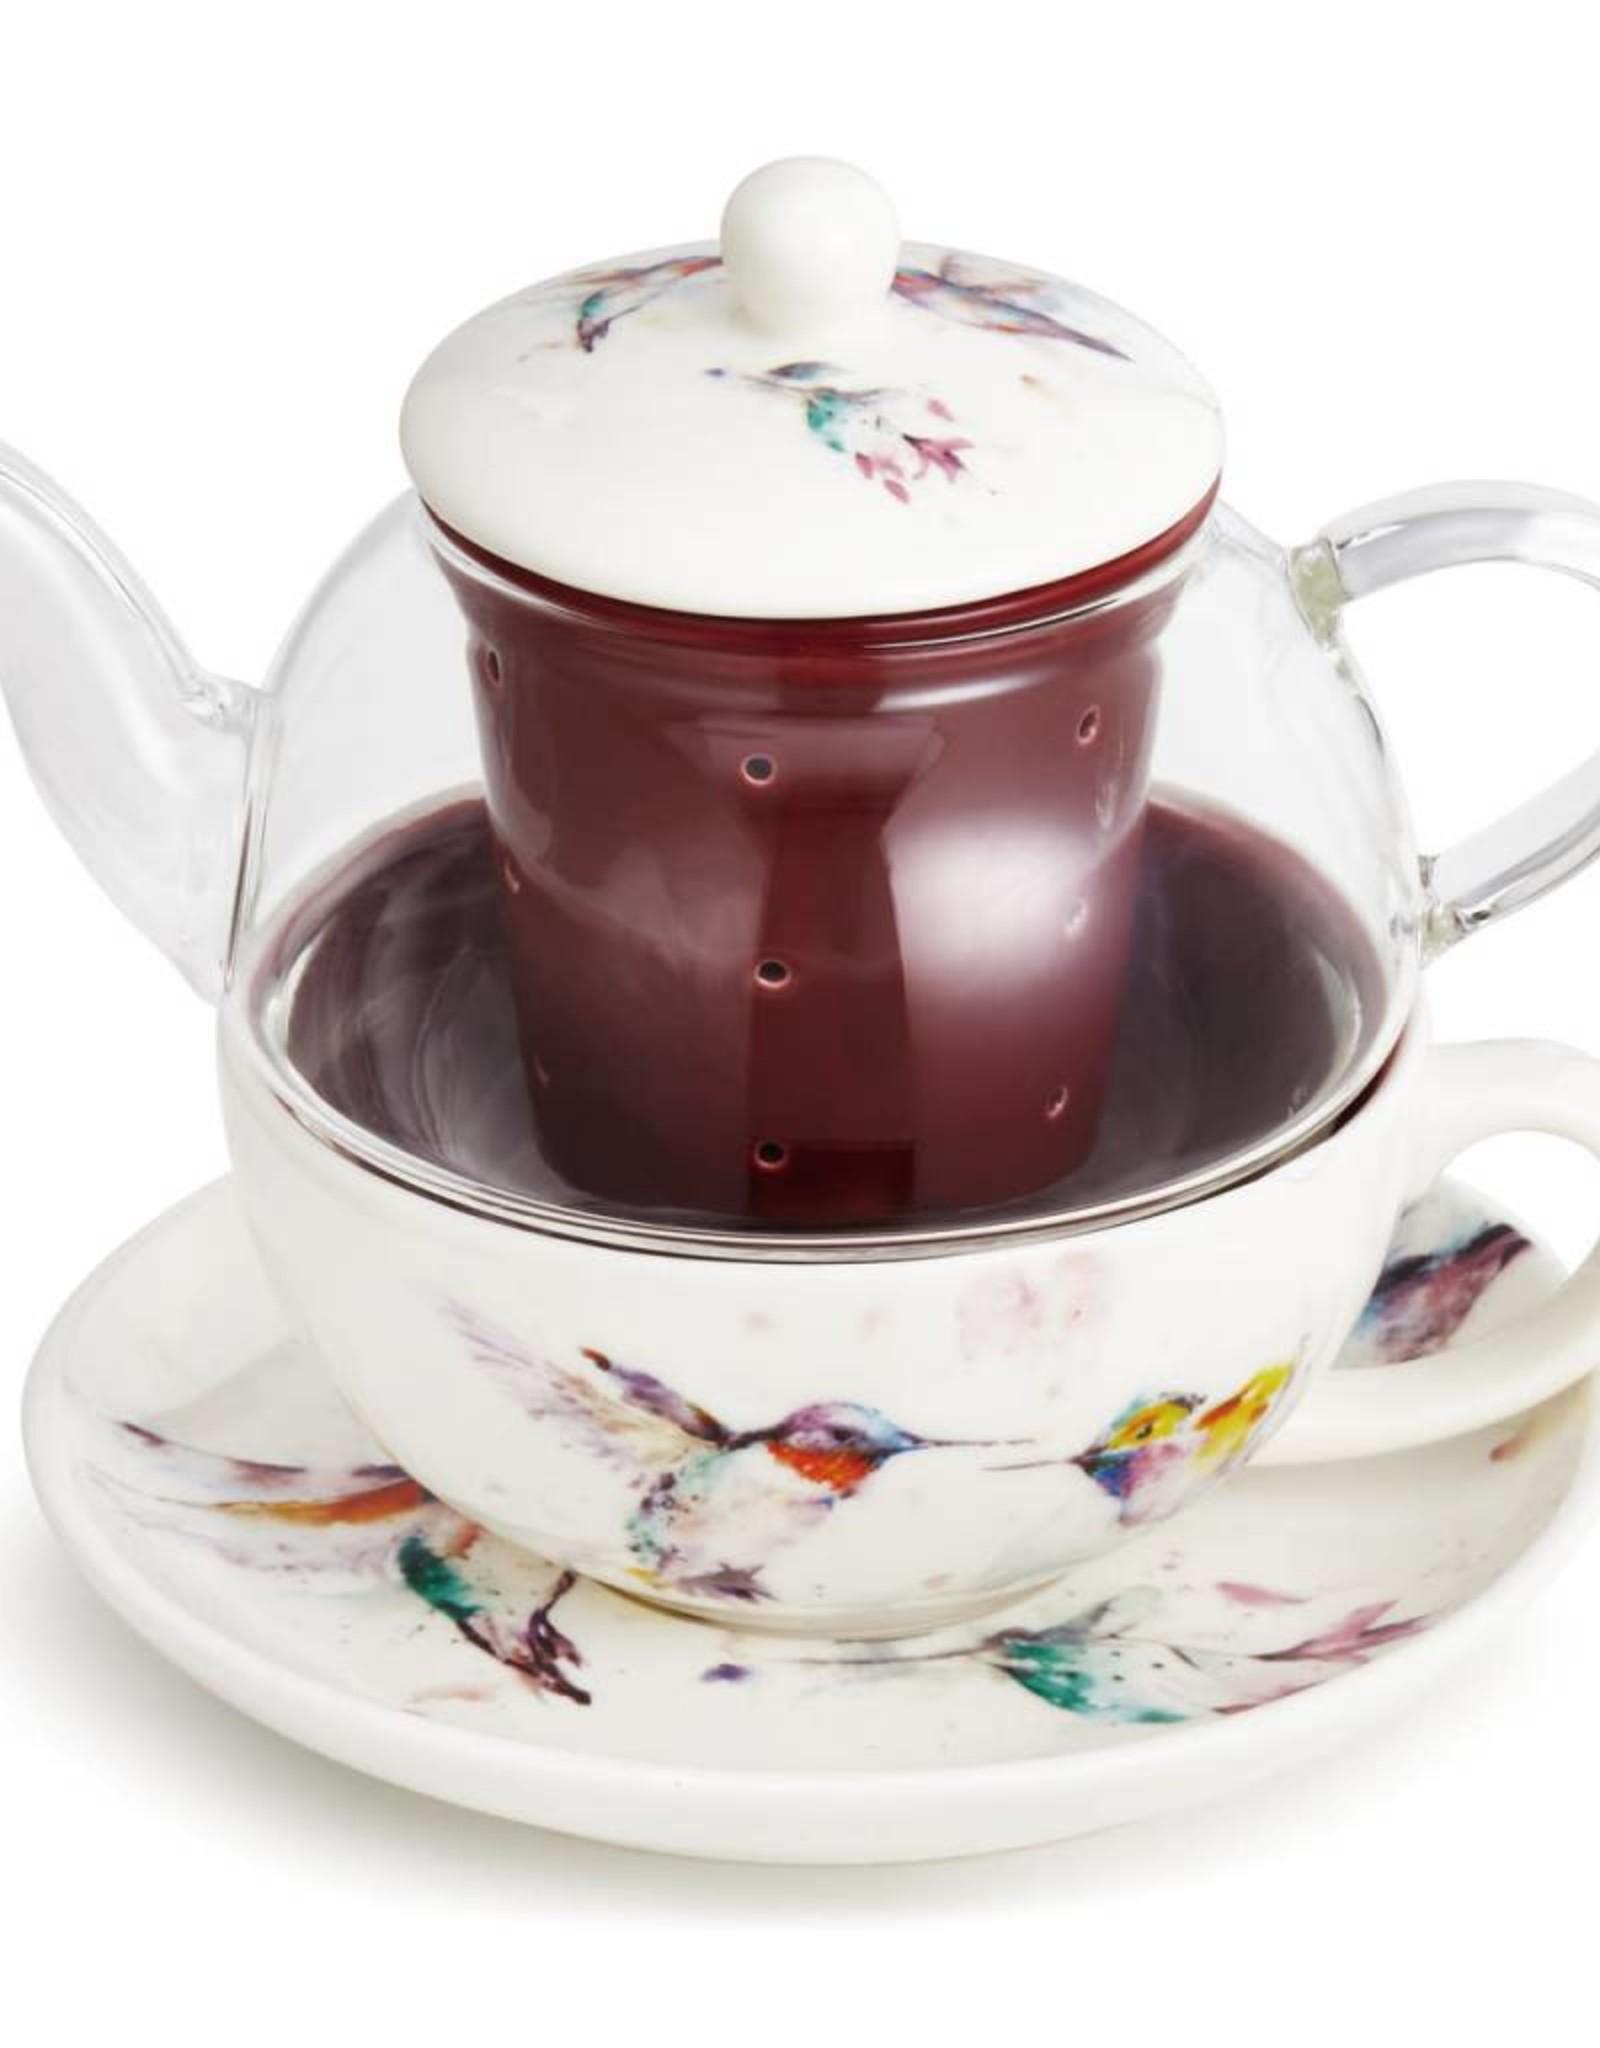 Dean Crouser Dean Crouser Tea Pot Set - Hummingbird